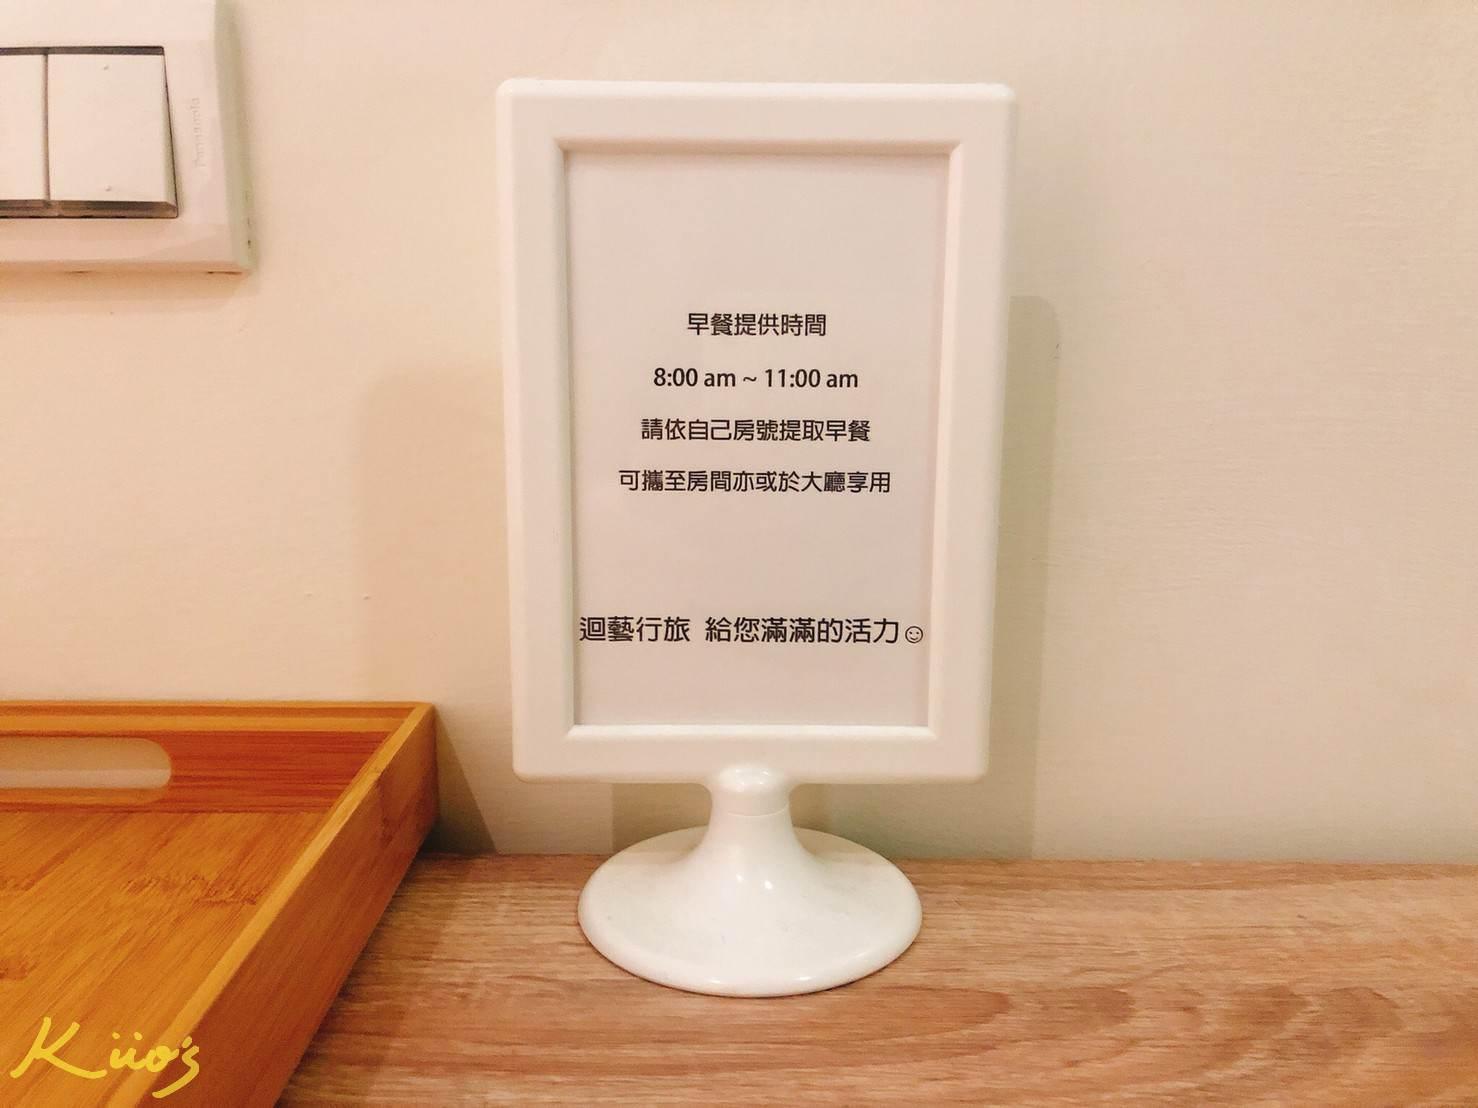 【2020花蓮市住宿推薦】迴藝行旅-火車站旁、免費停車、附早餐、電梯民宿